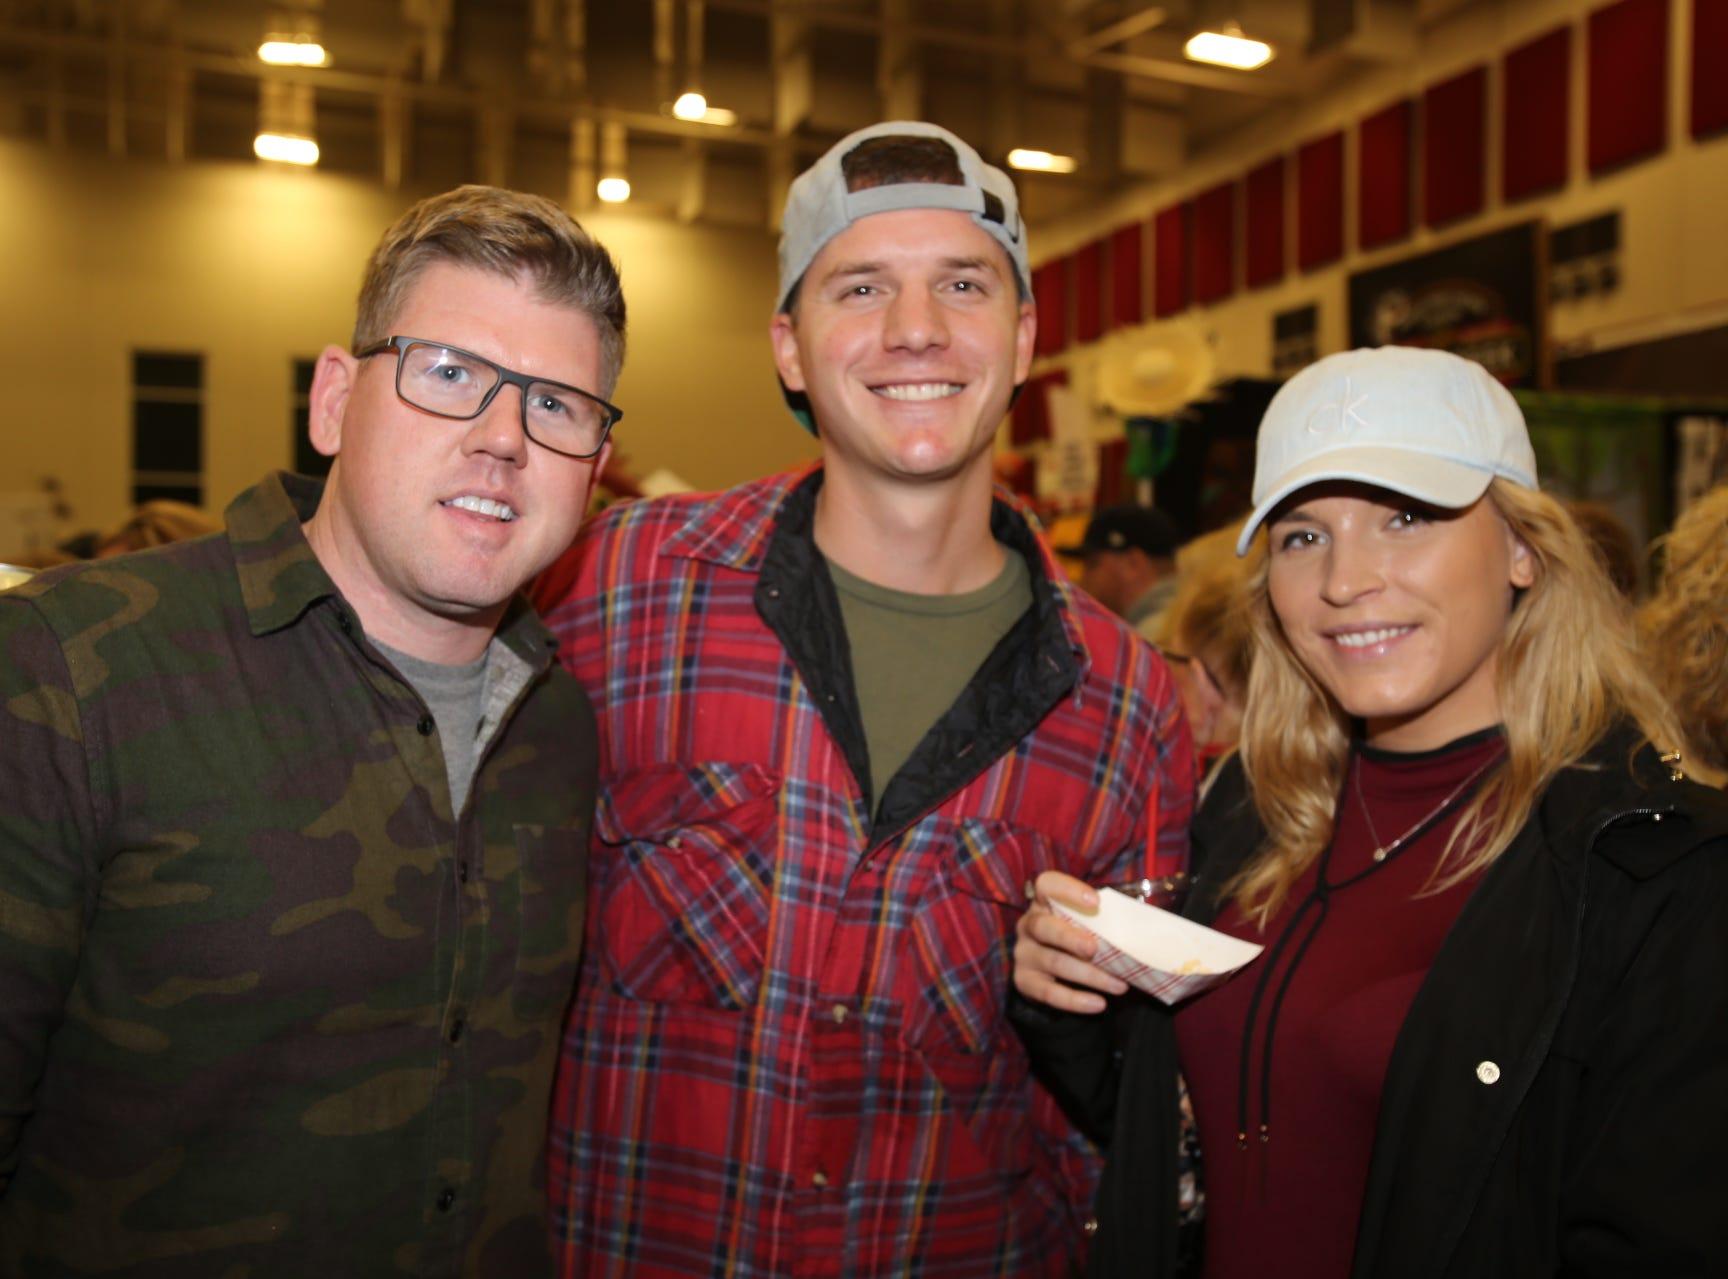 Derek Smith, Austin Jessen, and Cassie Highfill